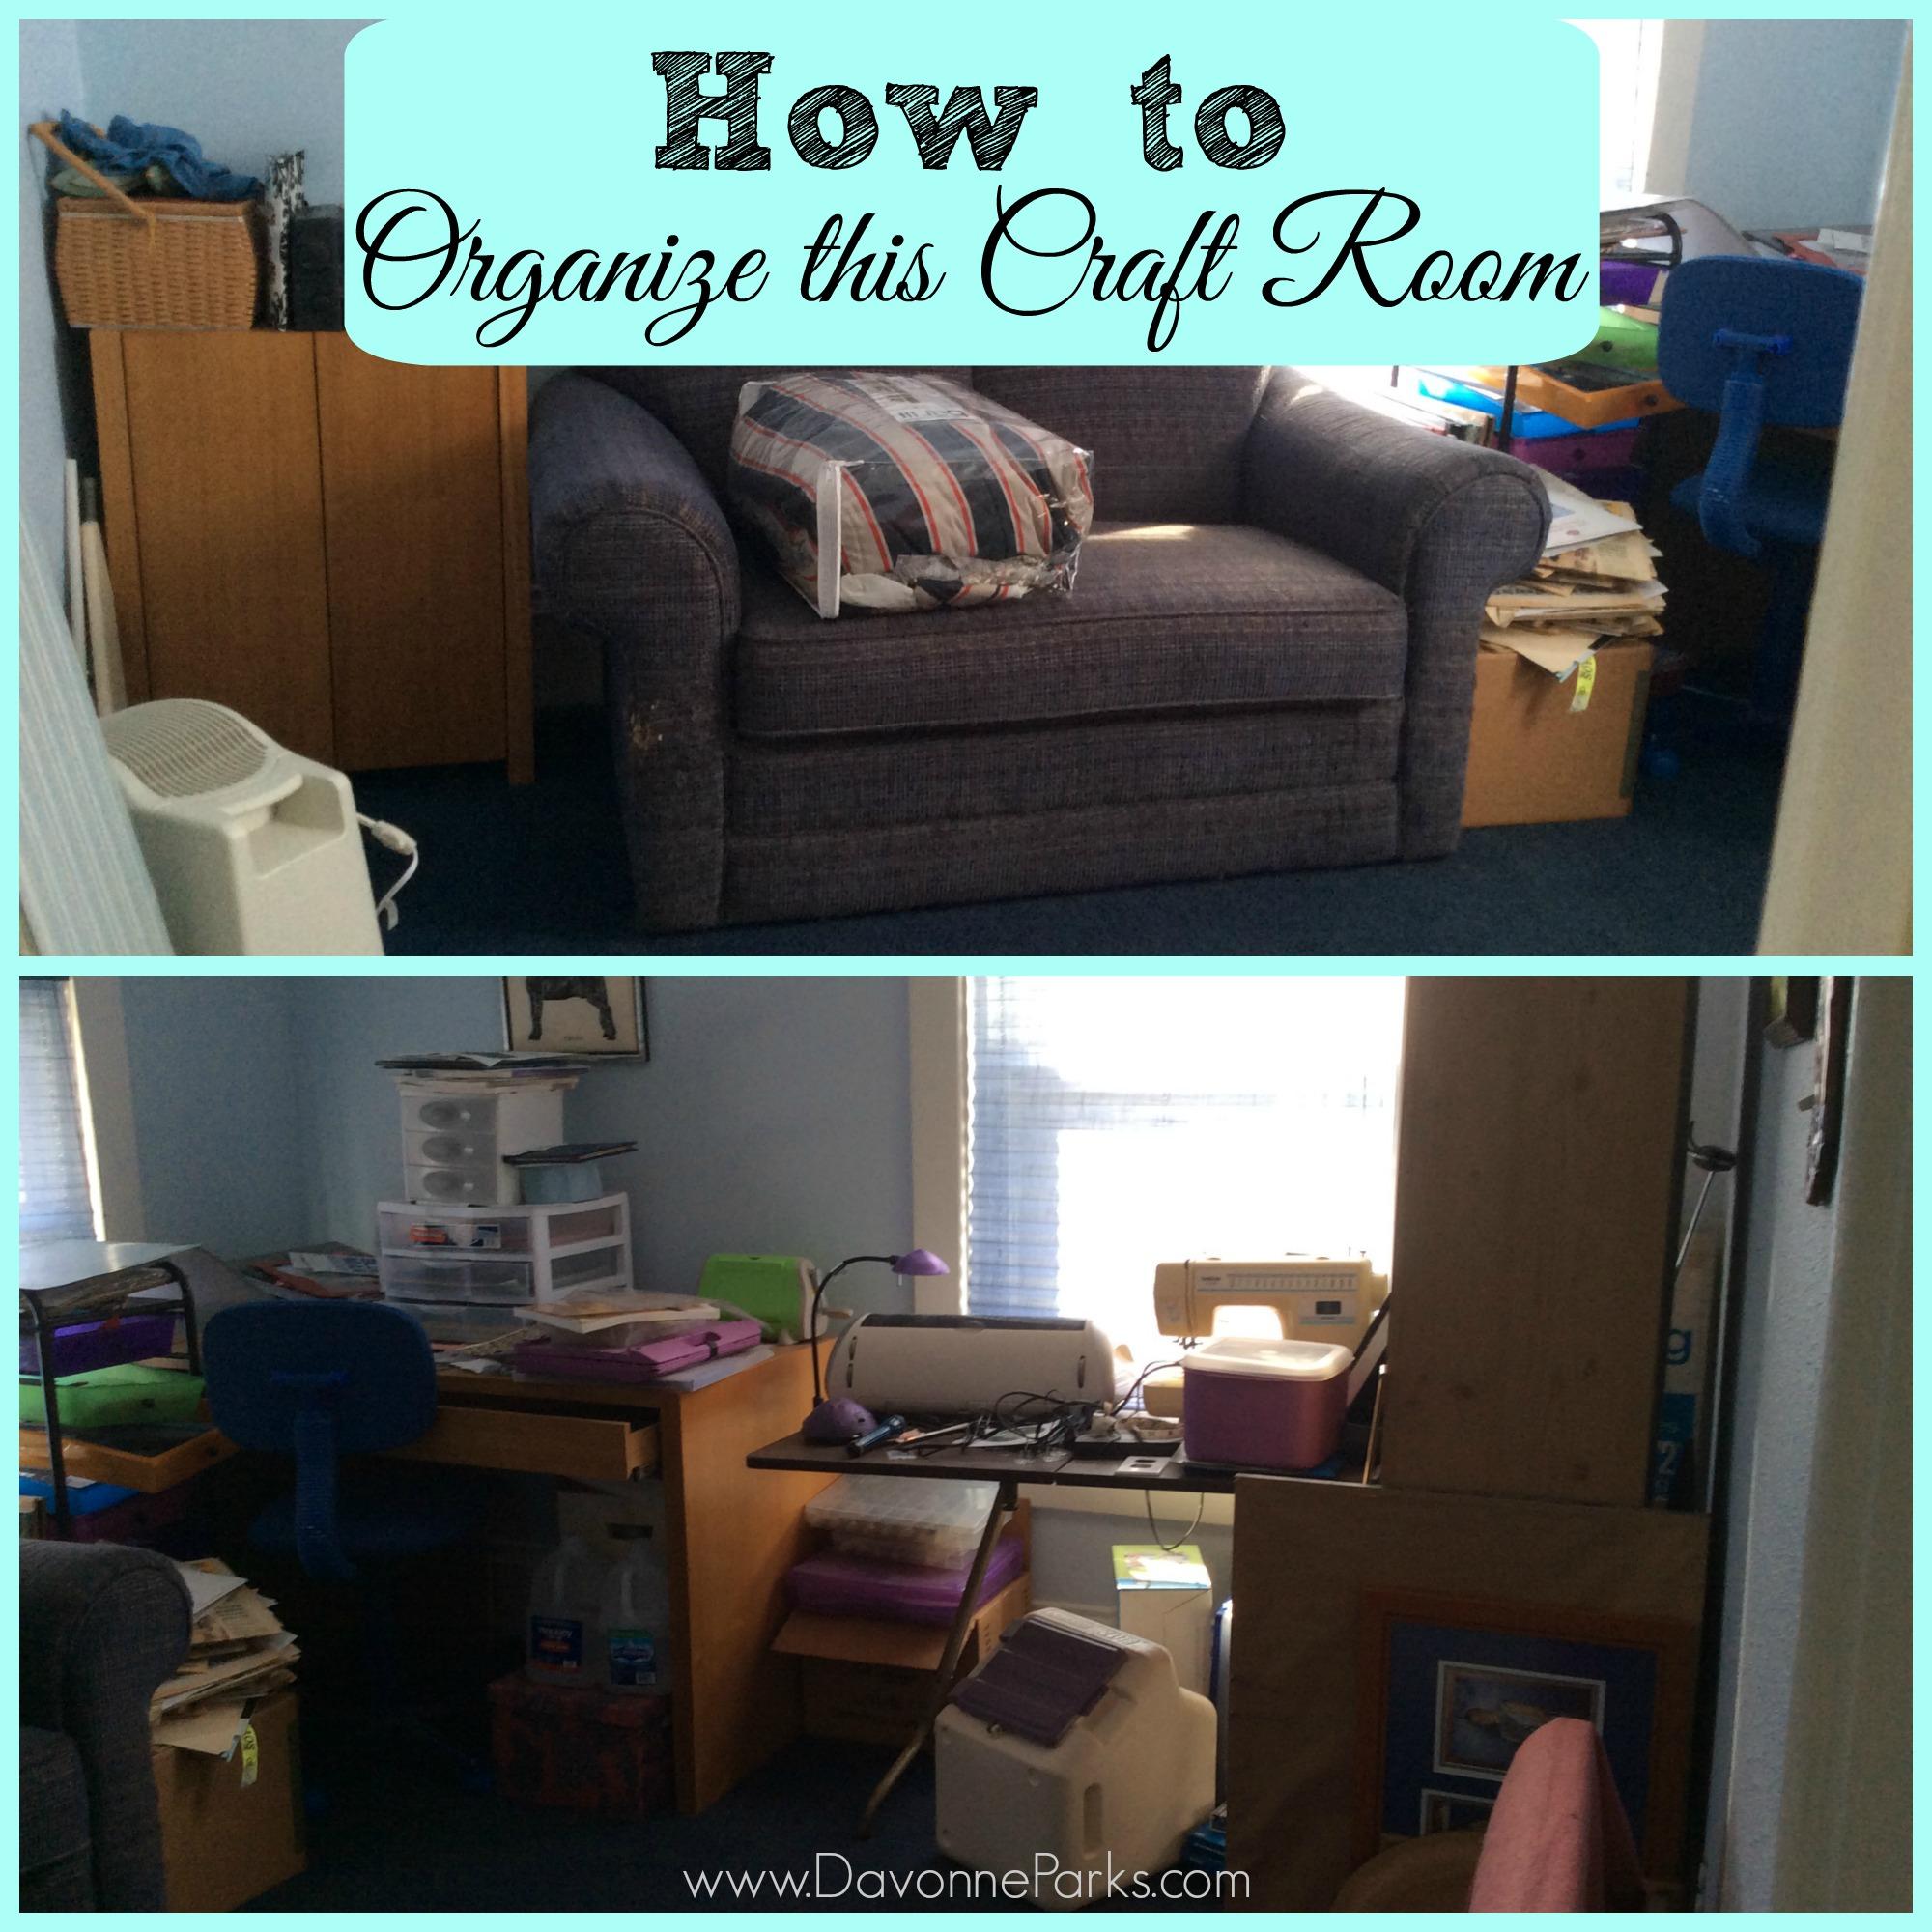 organizecraftroom